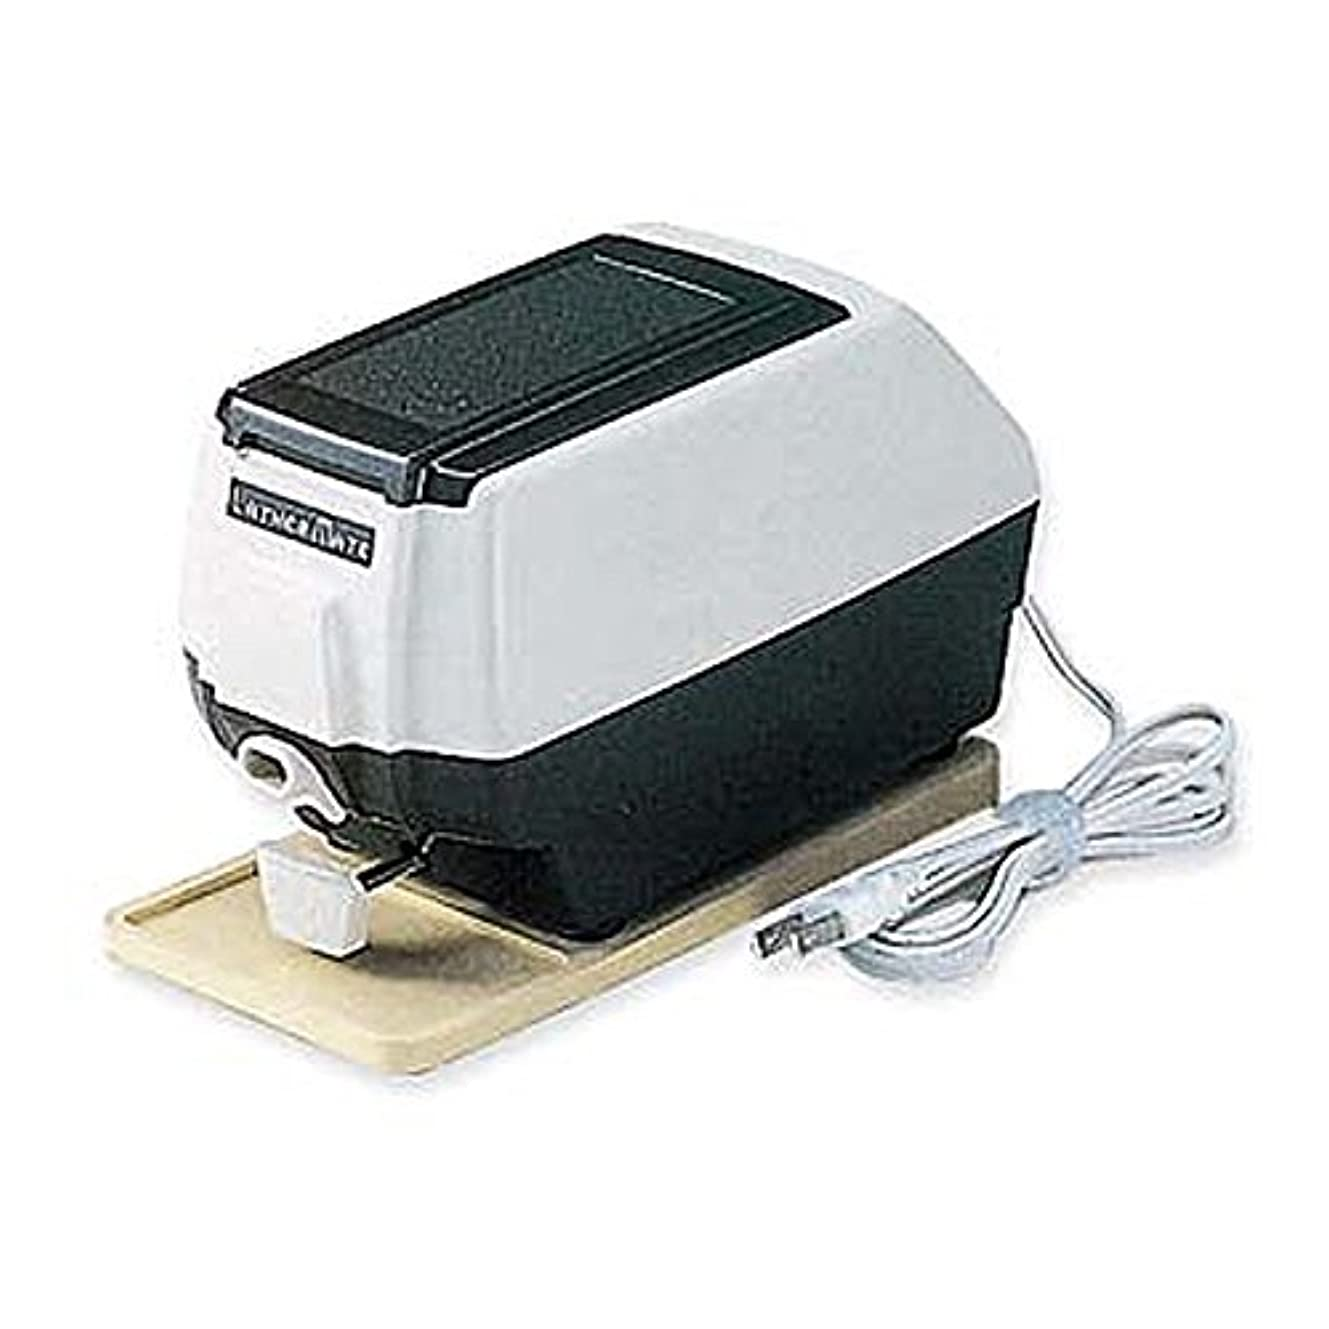 明日計画タイプライターラザーメイトミキサー OM-50